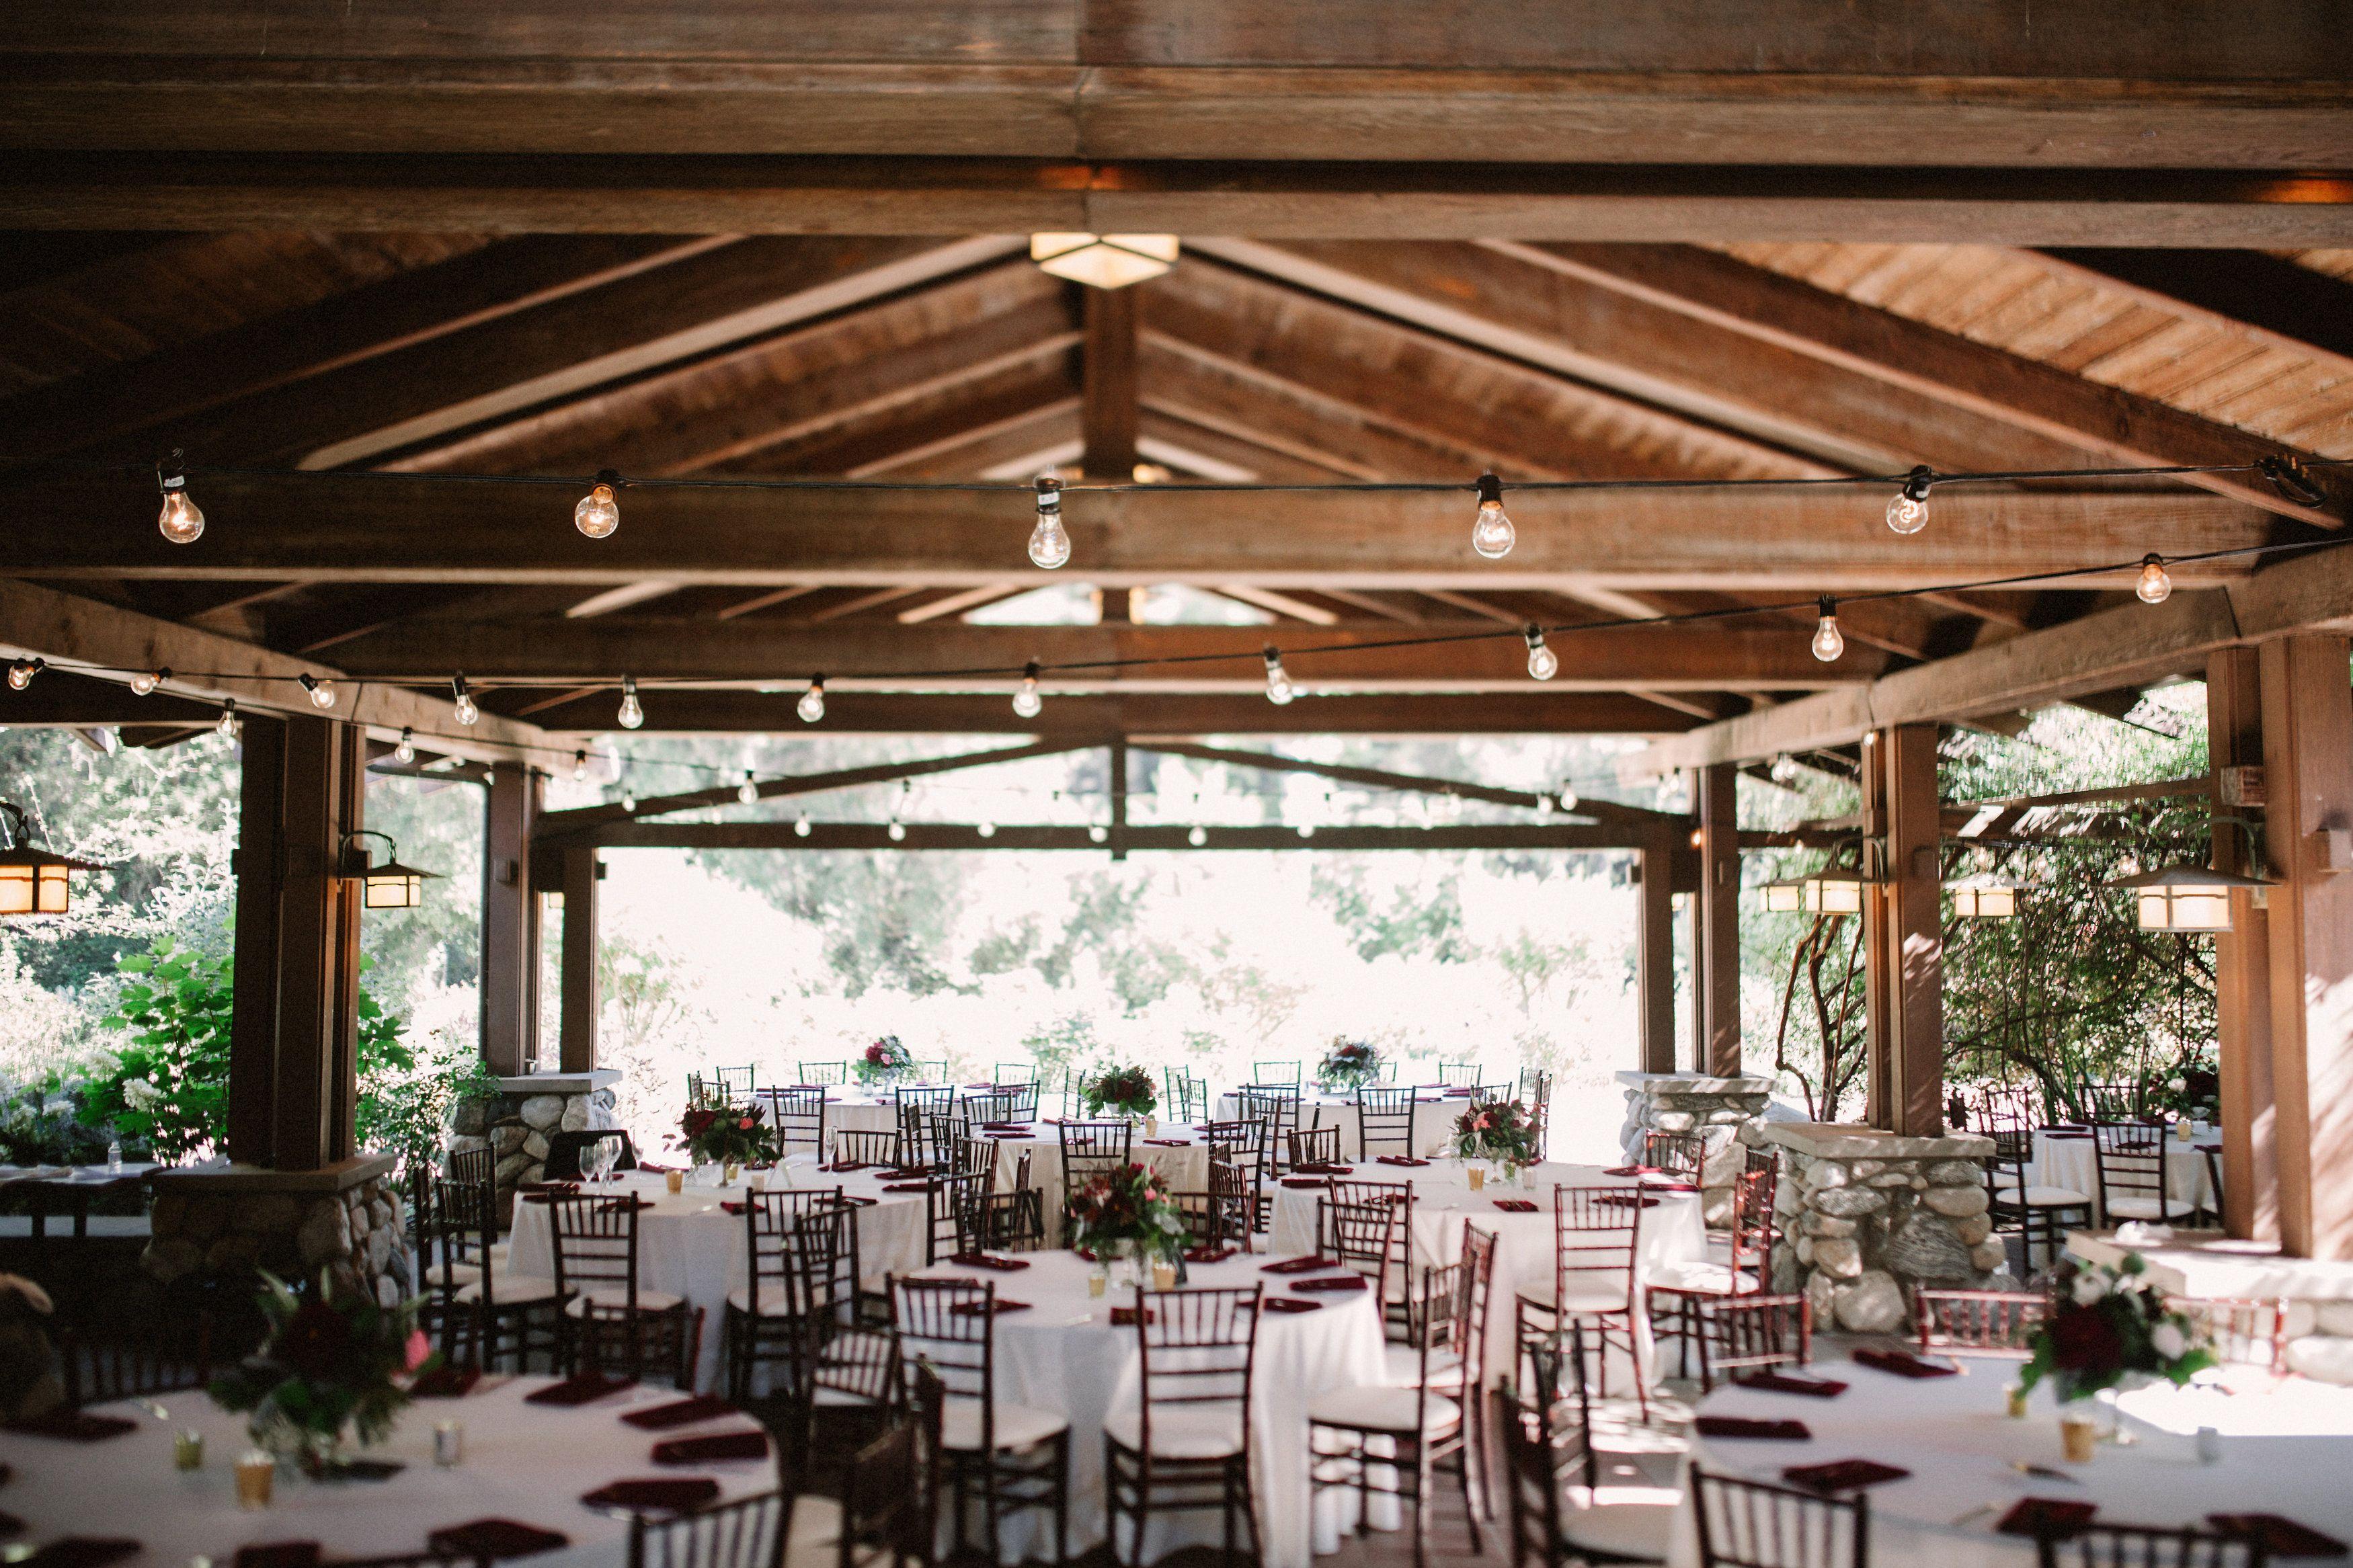 Descanso Gardens Rose Pavilion Reception Area 5 30 15 Pavilion Wedding Garden Reception Reception Areas